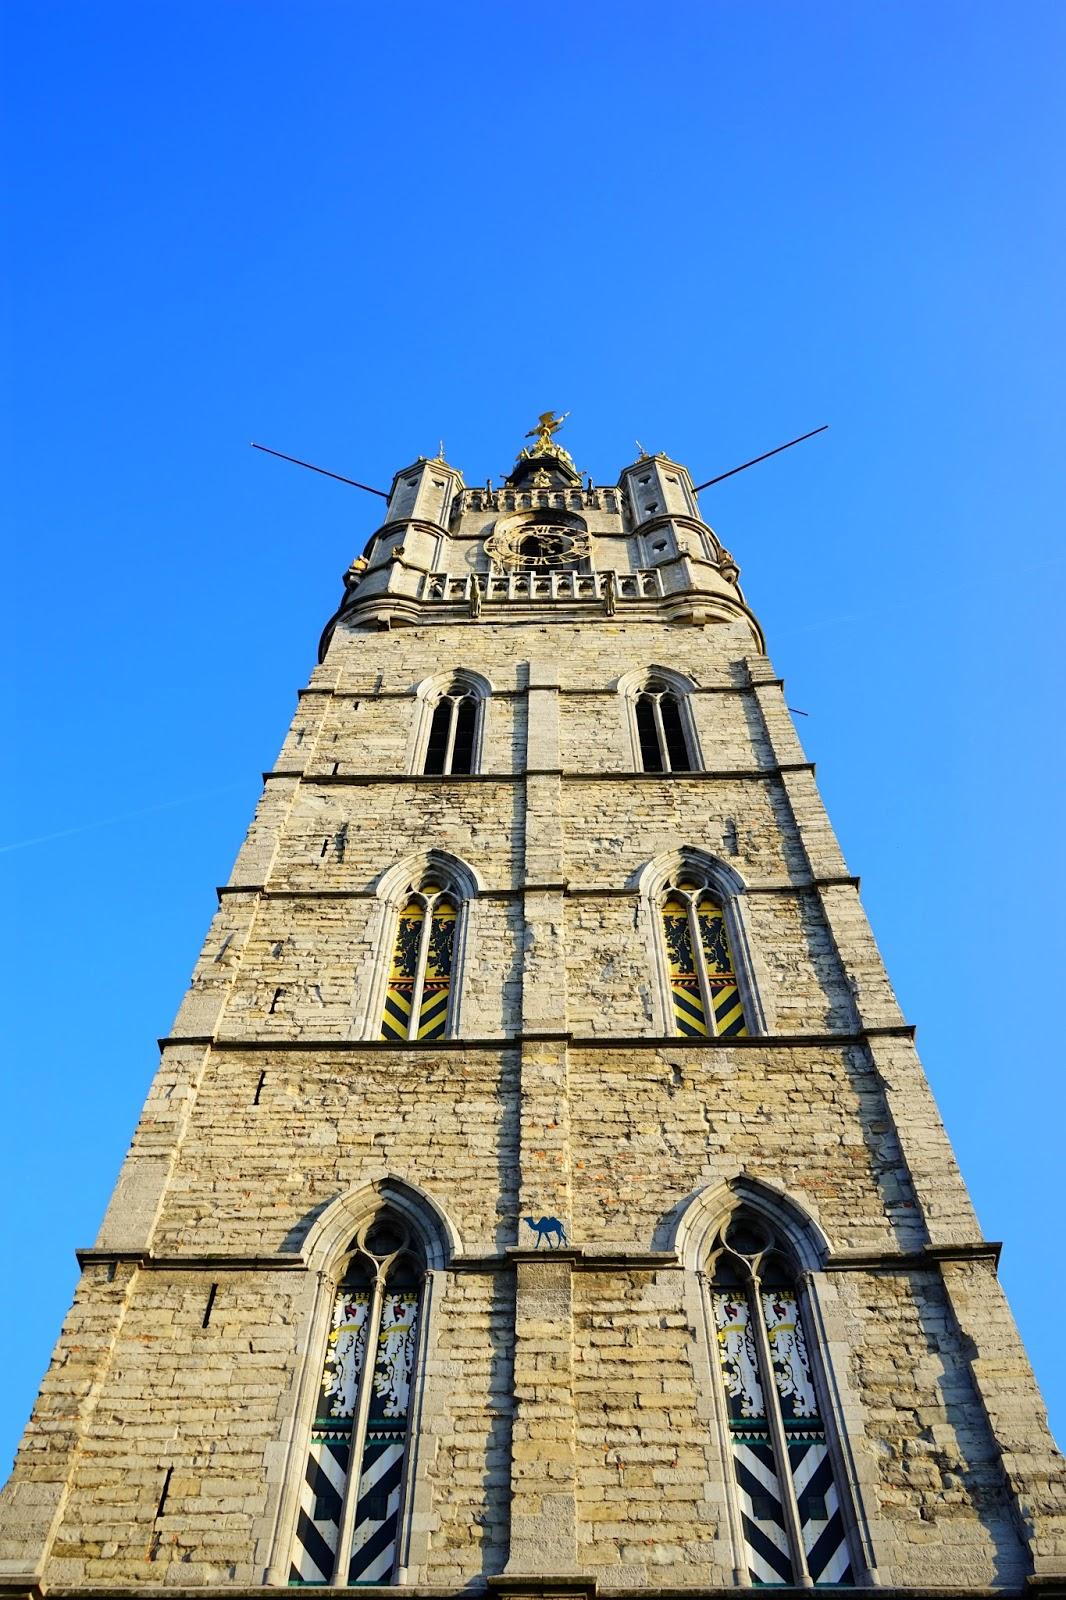 Le Chameau Bleu - Blog Voyage Gand Belgique - Gand Tourisme - Le Beffroi de Gand Belgique - Virée à Gand